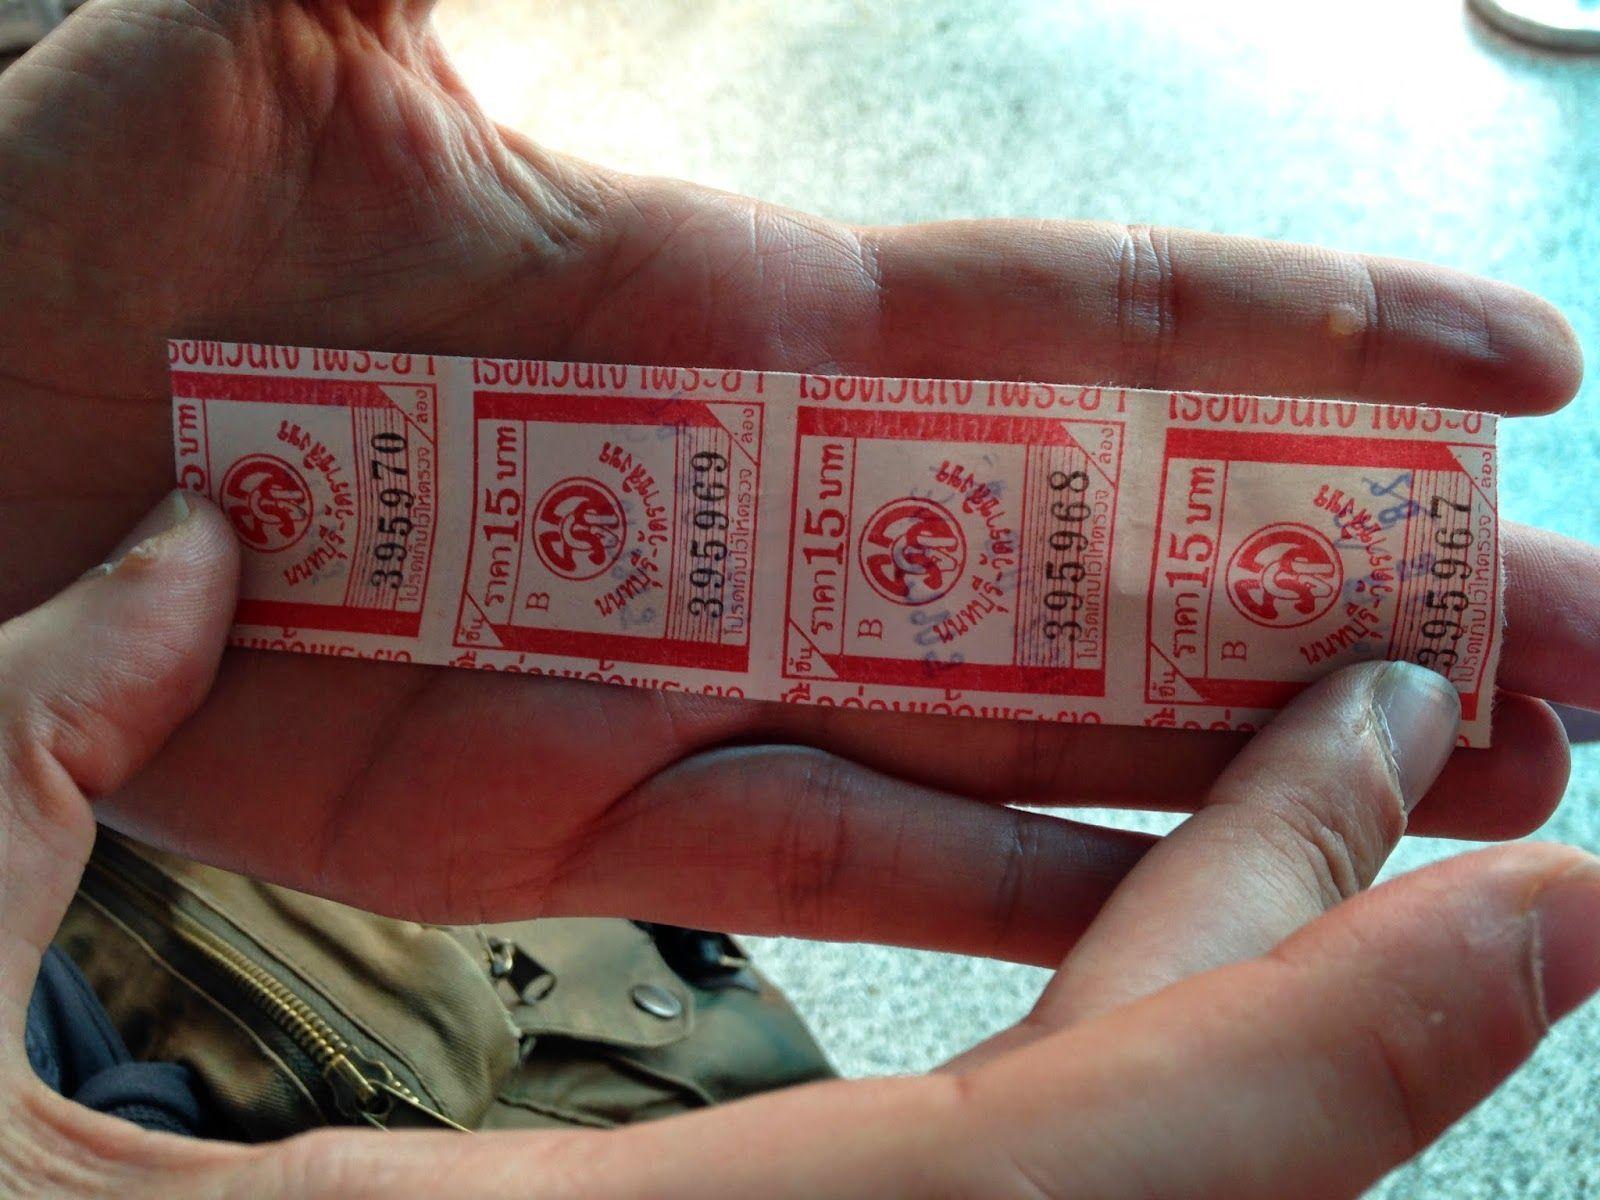 bangkok barco rio ticket